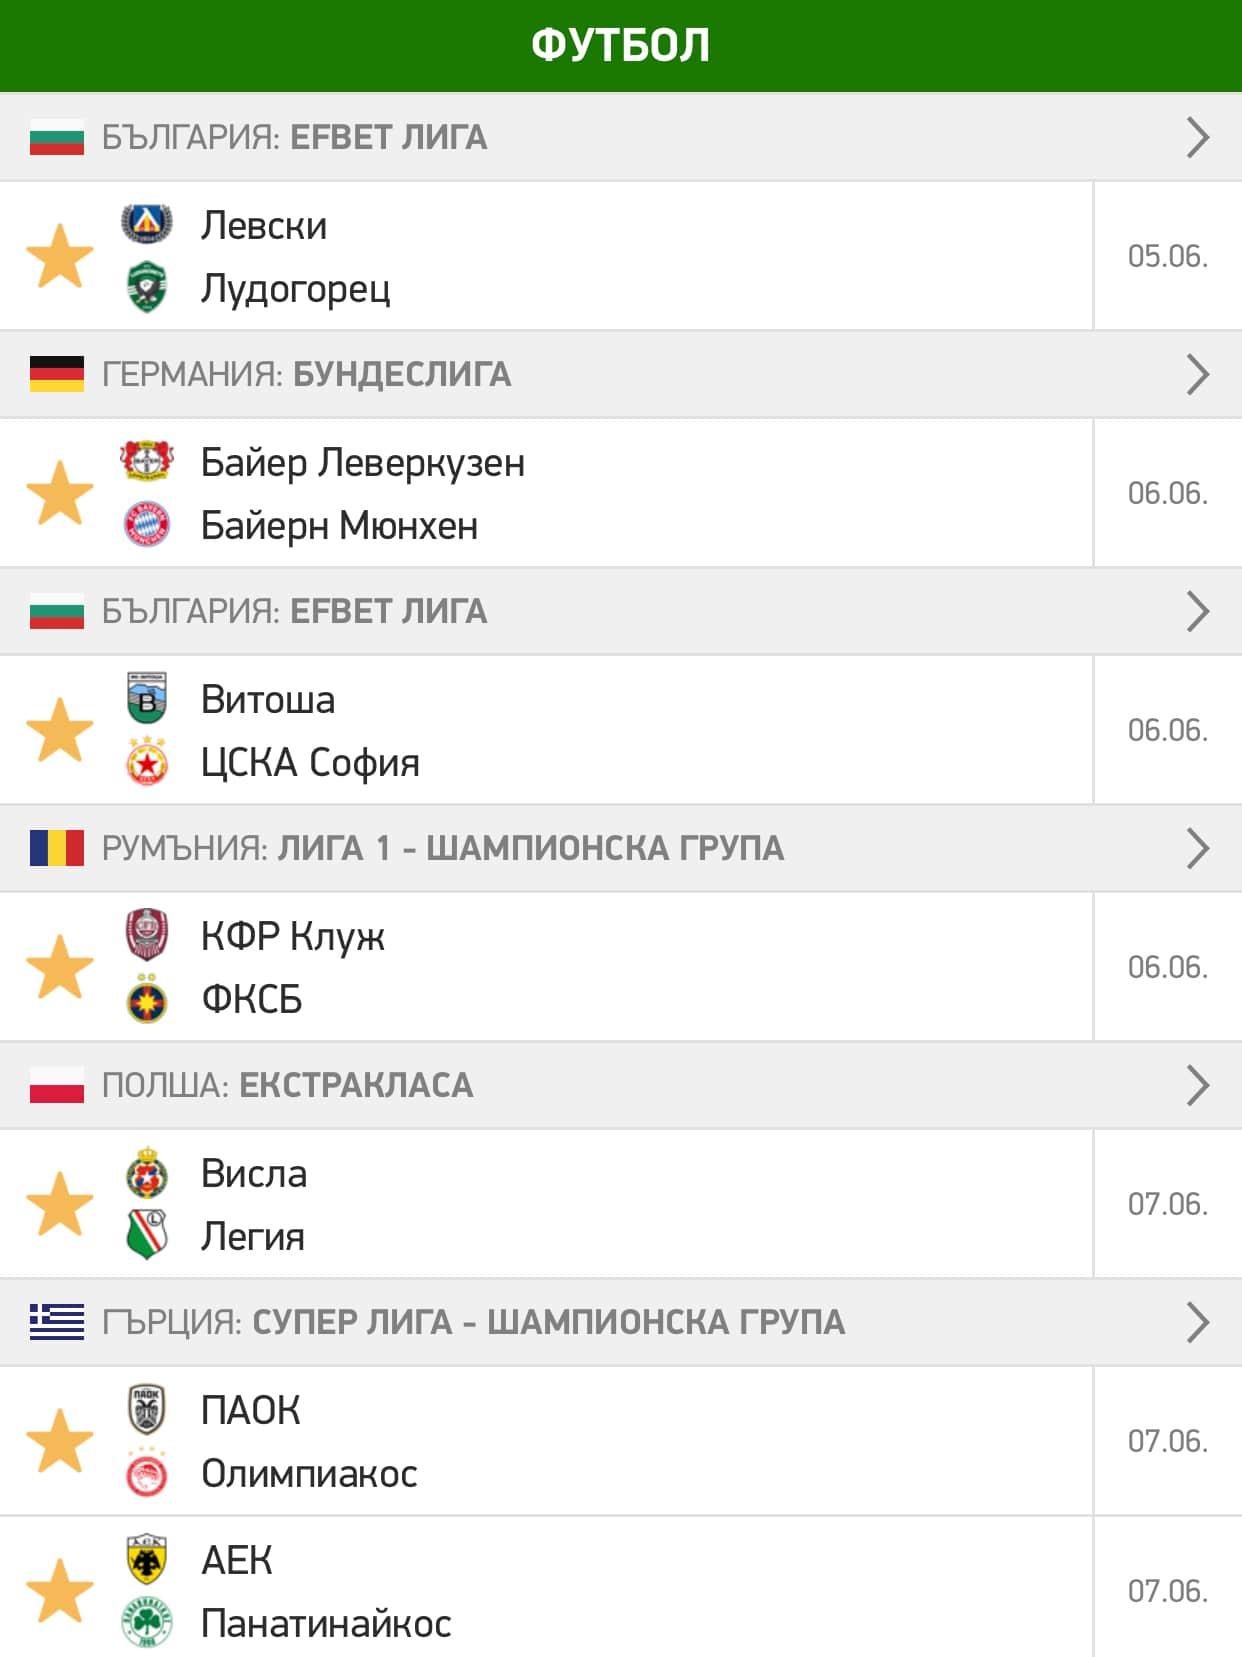 футболни-мачове-европа-юни